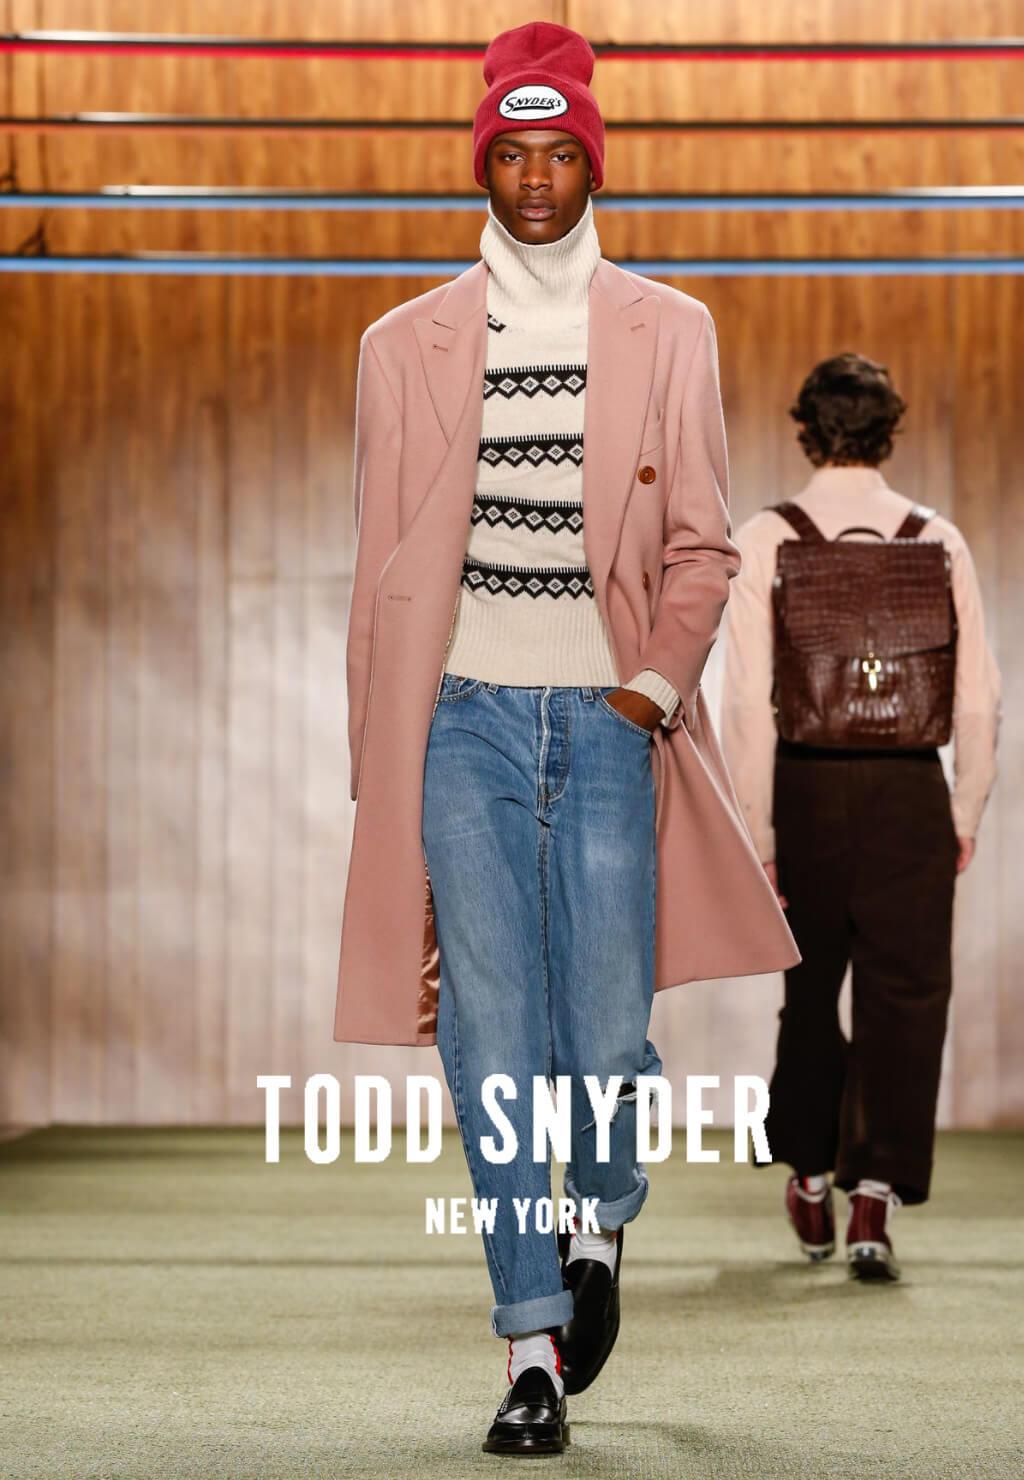 Rachide Todd Snyder